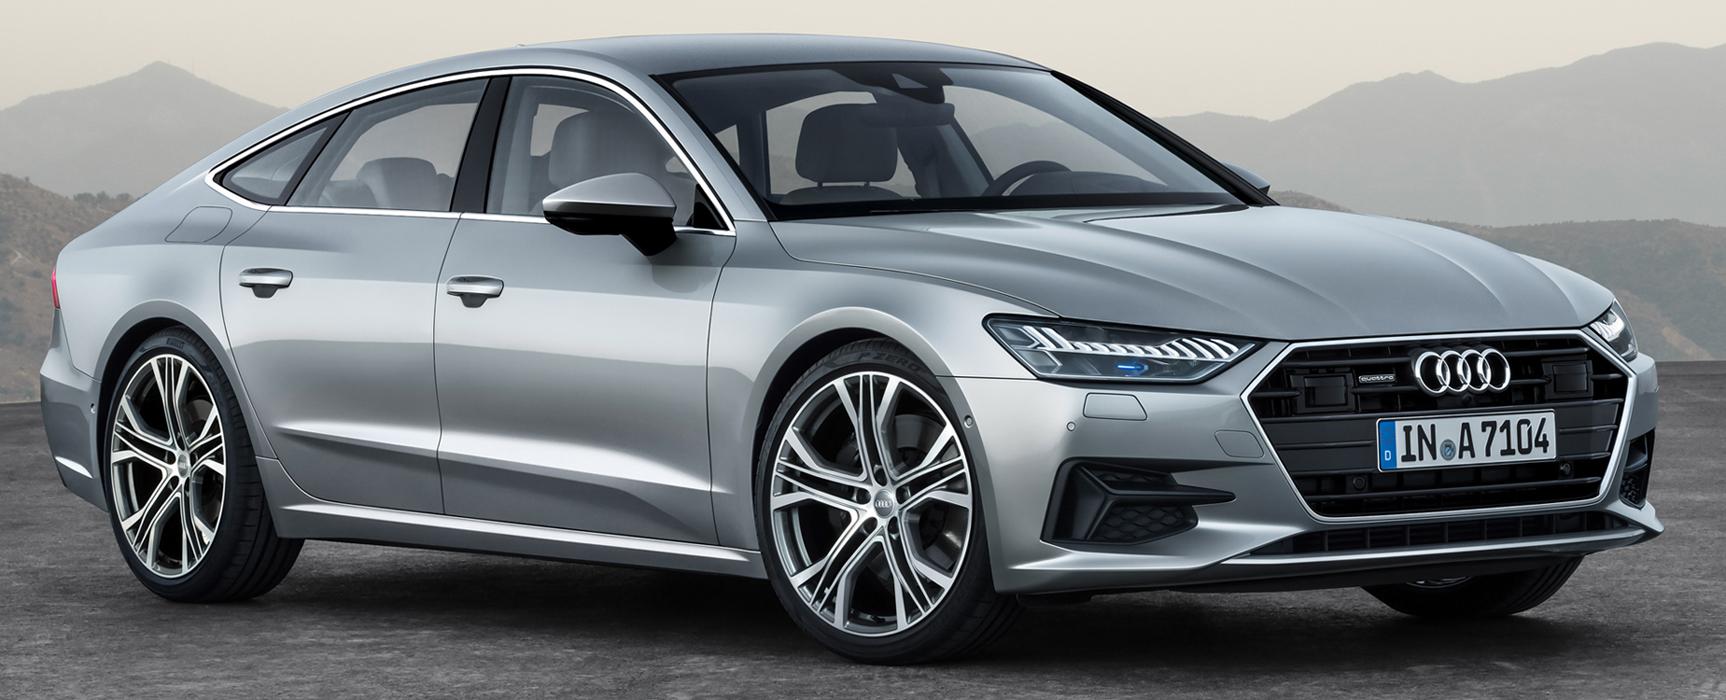 Kelebihan Kekurangan Audi A7 2017 Harga